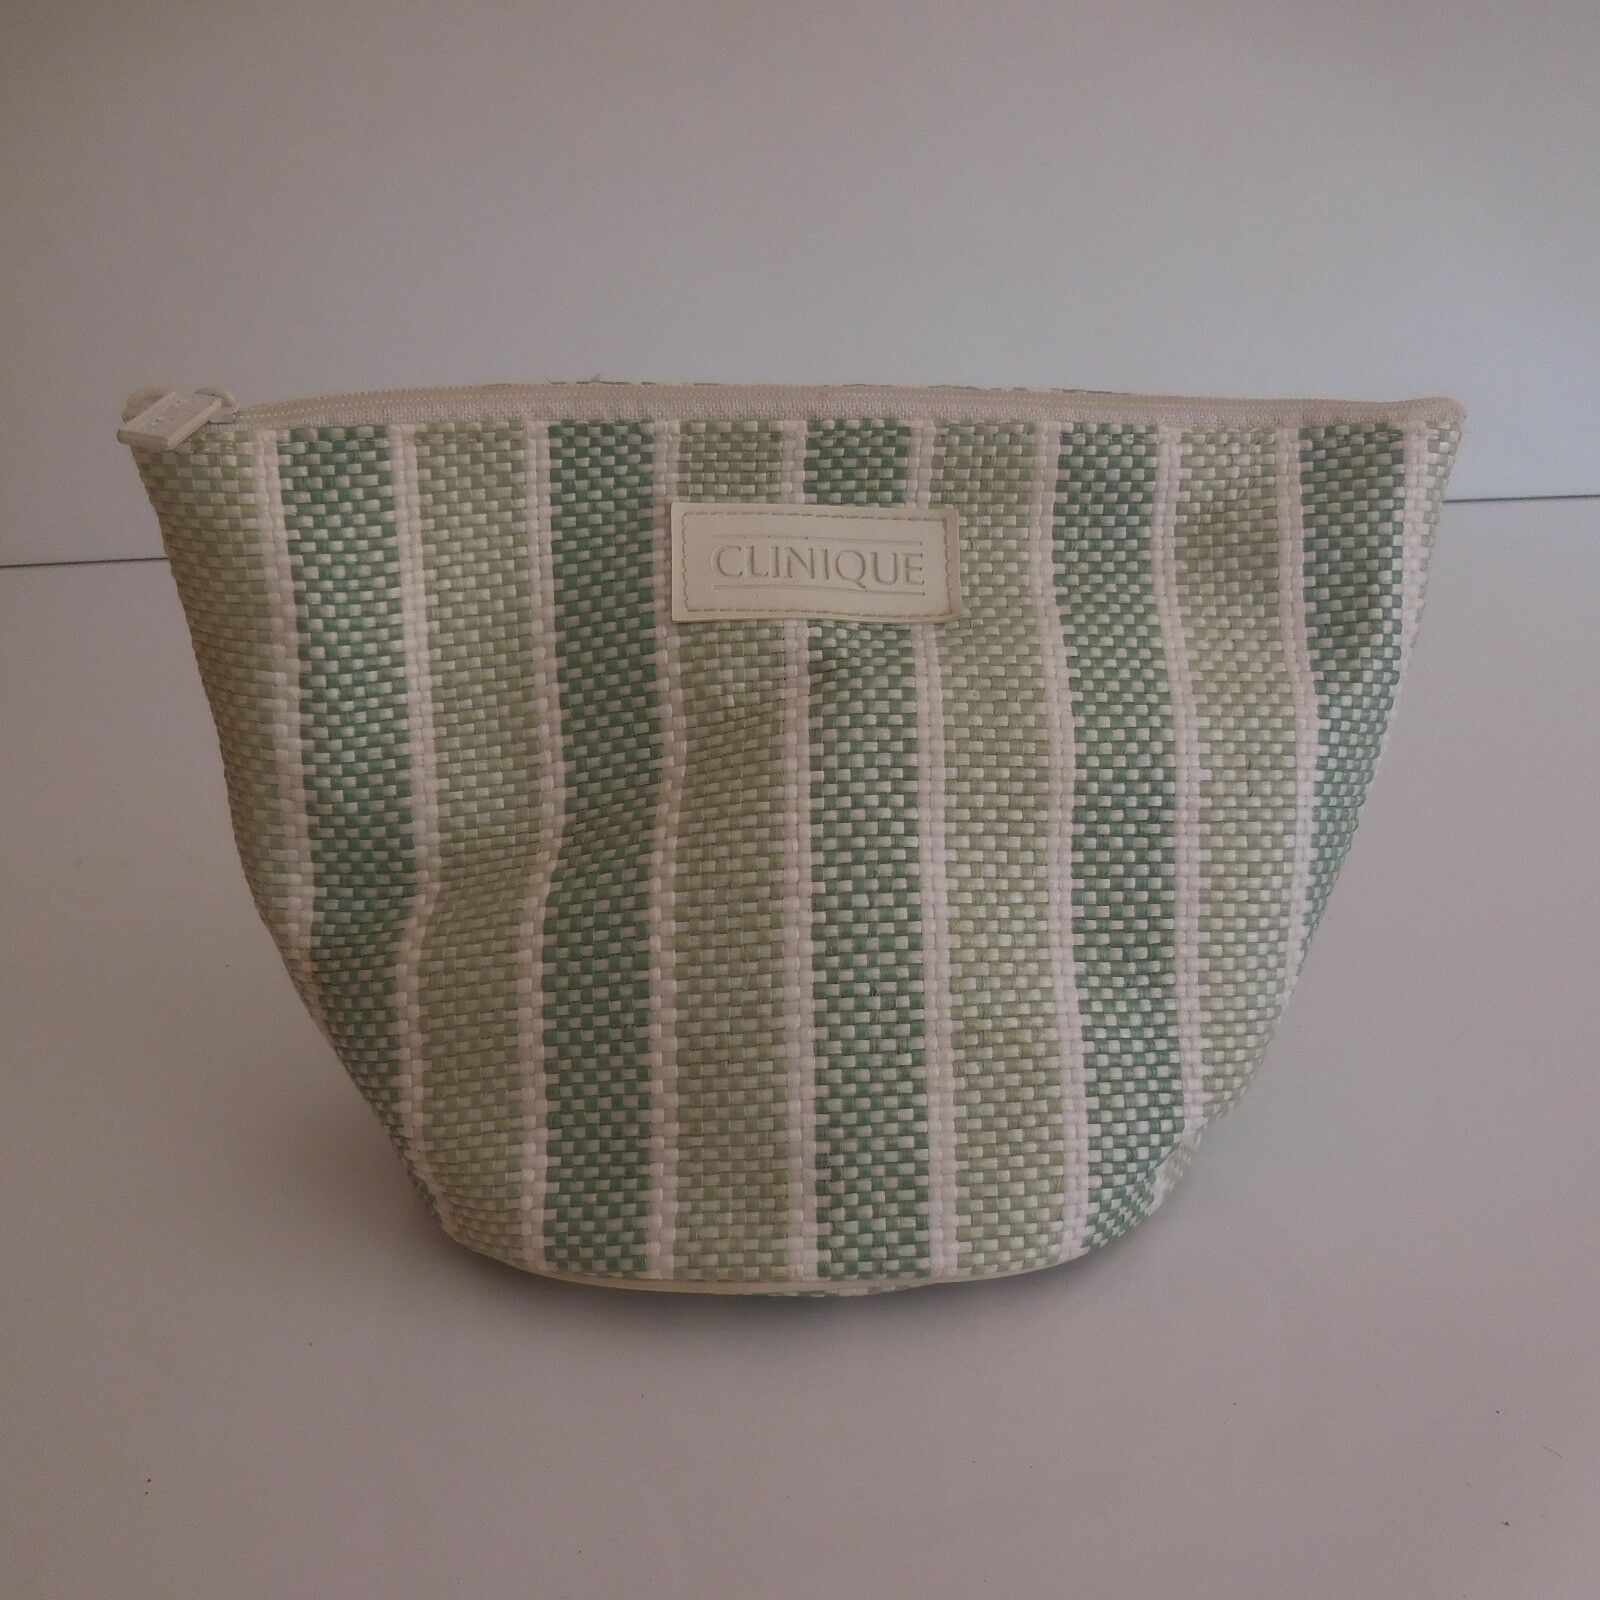 Toiletry Bag CLINIQUE Vintage Model Art Deco Design 20th Pn France